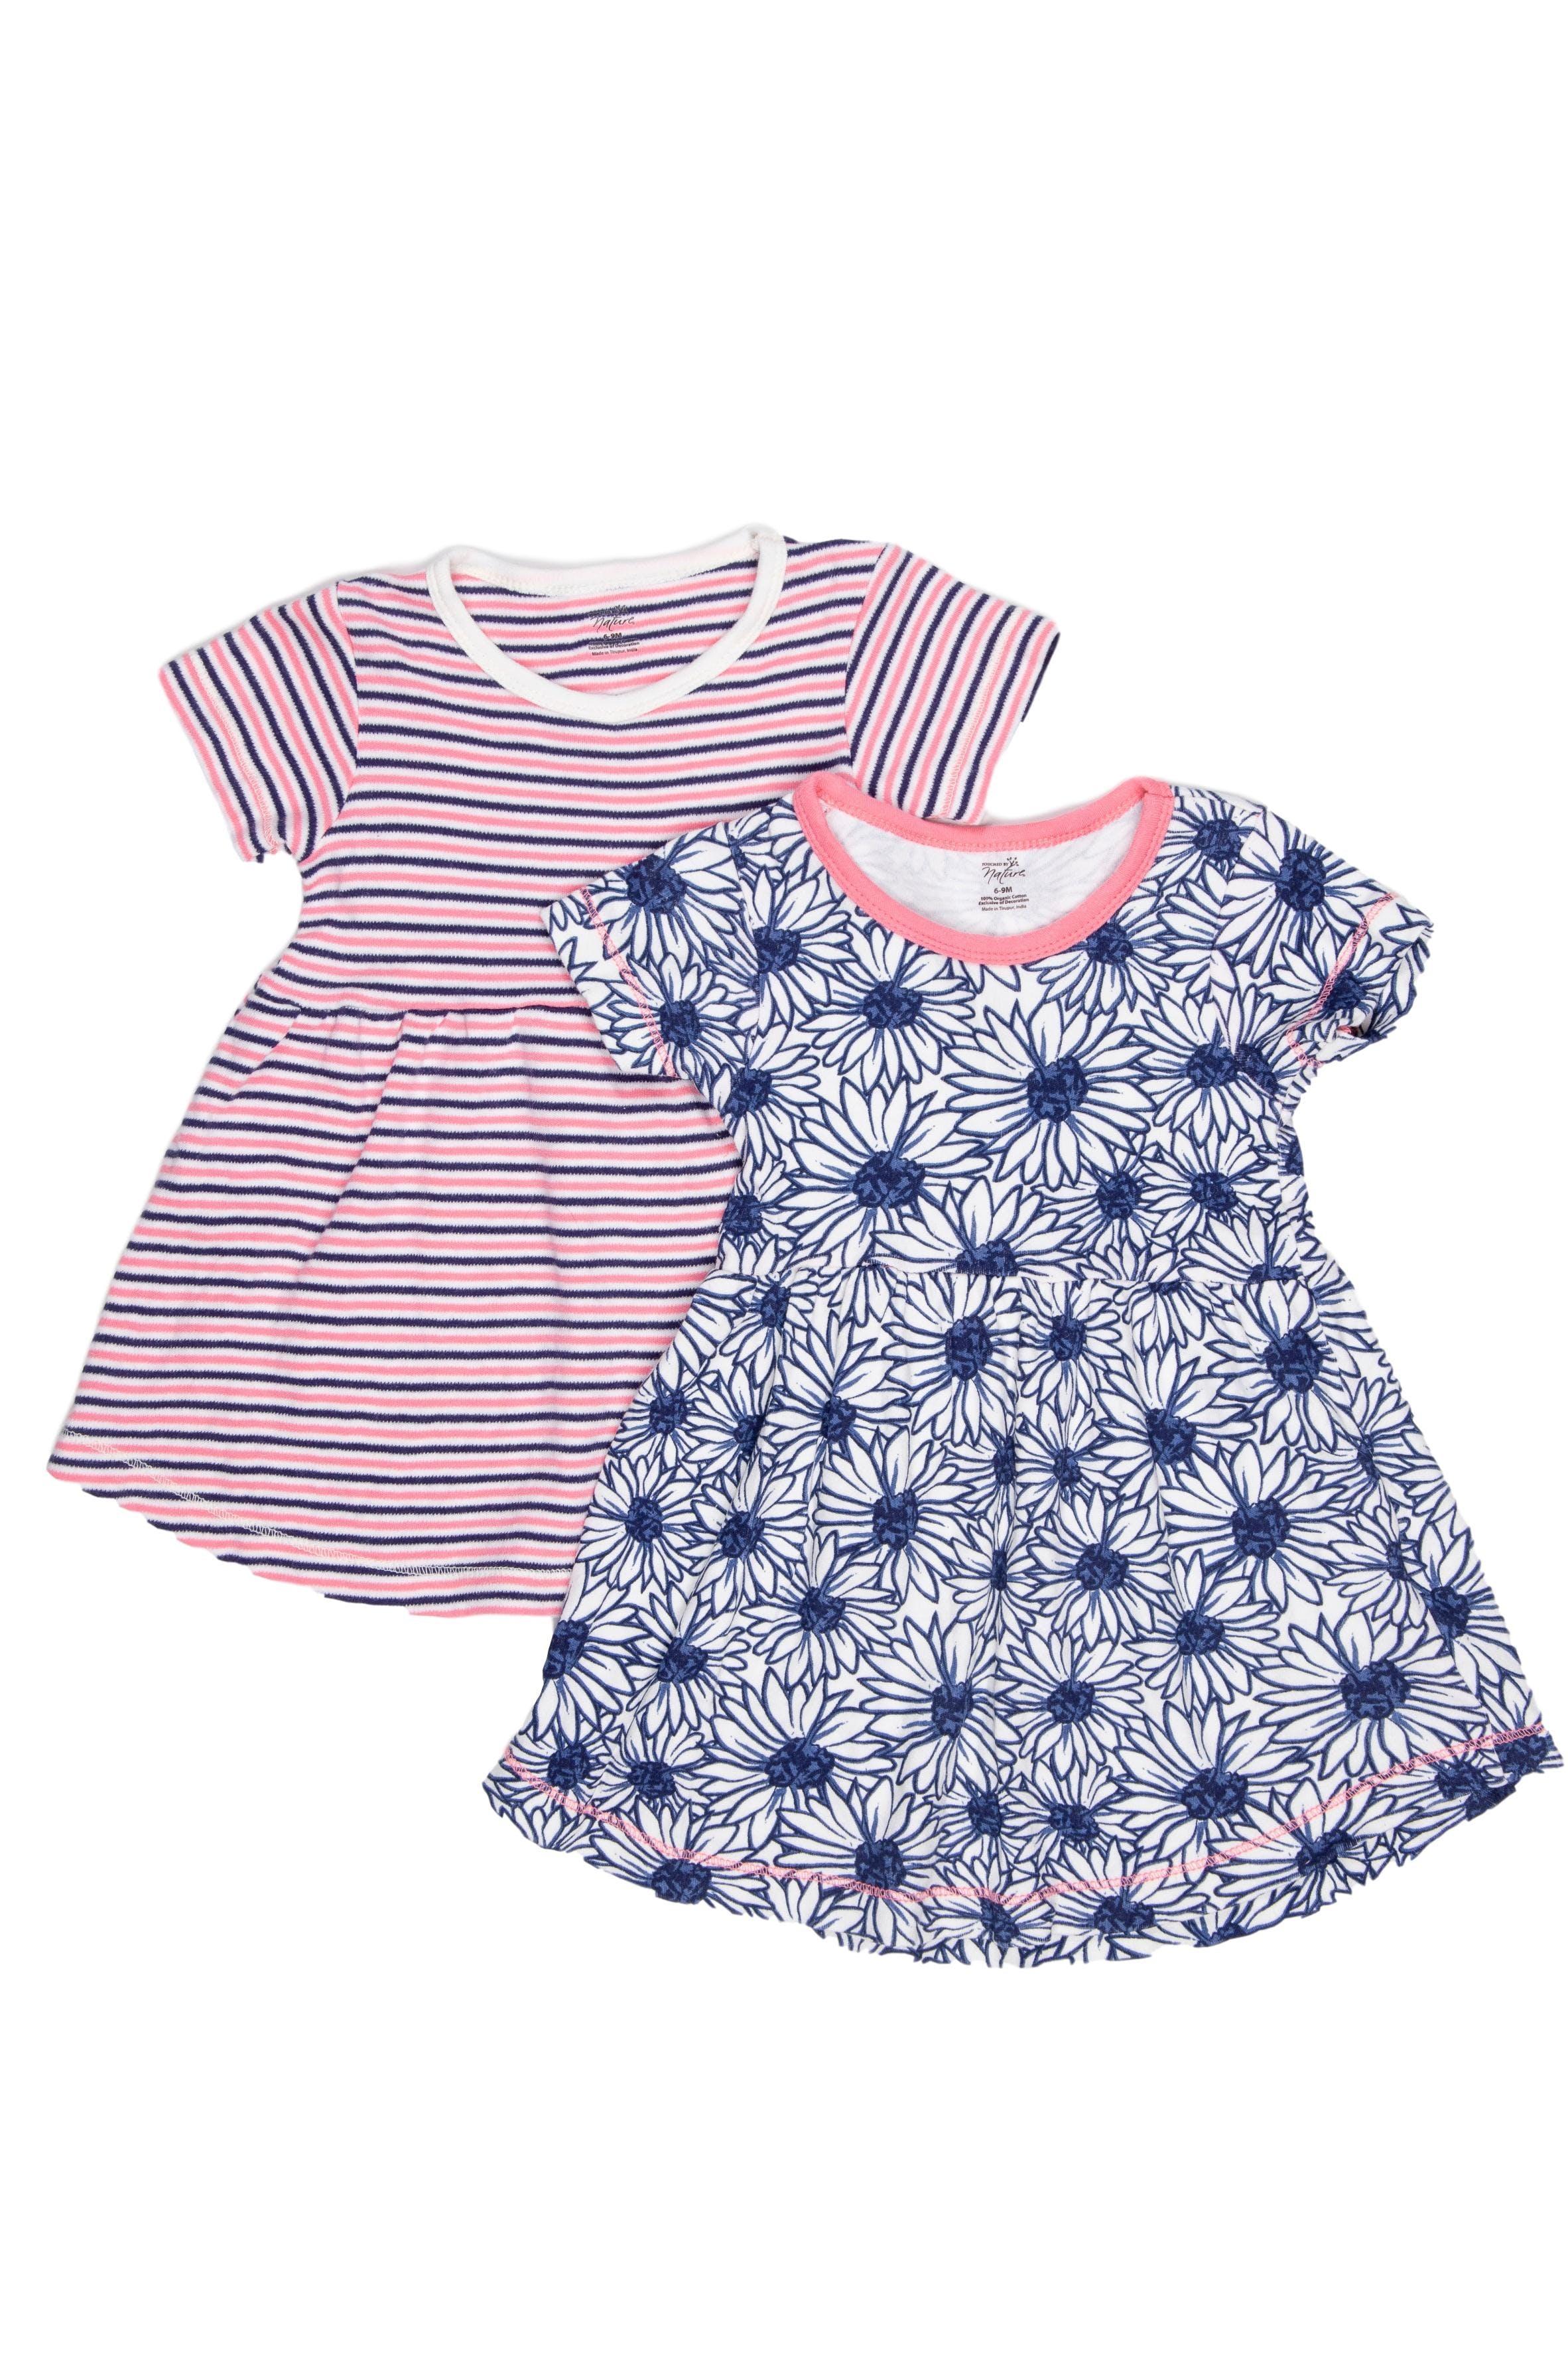 Pack de 2 vestidos. Uno a rayas rosado y azul otro con flores azules. Ambos 100% algodón orgánico. Dan opara usar con leggings hasta 12 meses - Touch By Nature